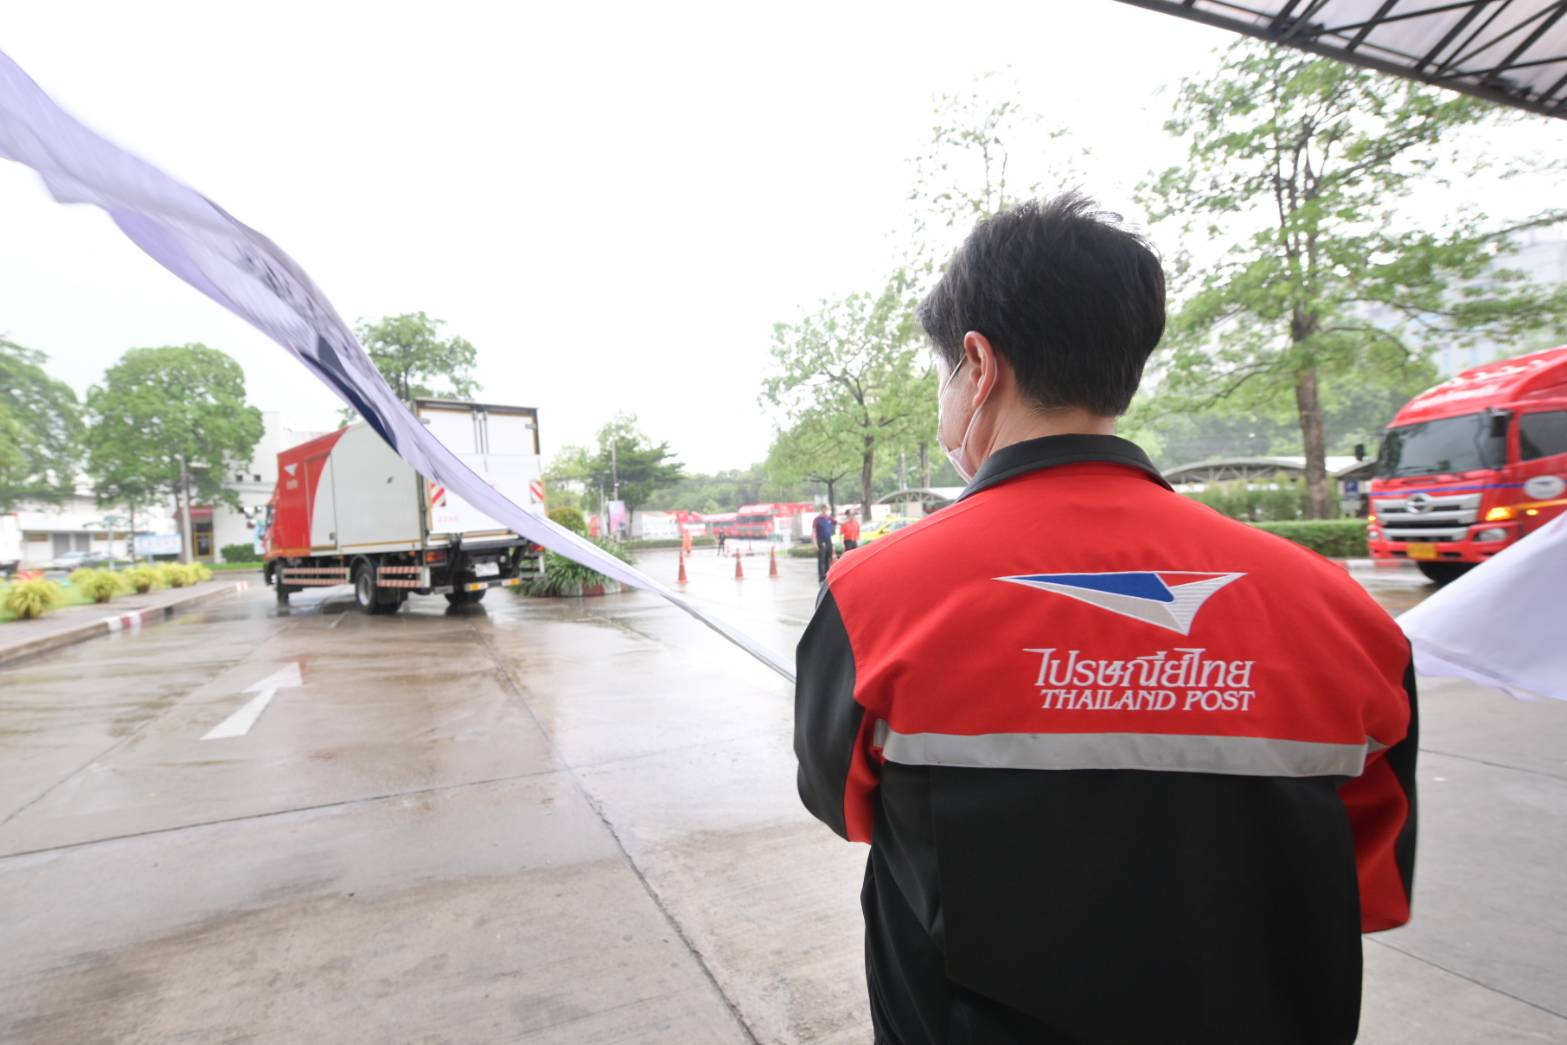 สู้ภัย COVID-19 !! ไปรษณีย์ไทย พร้อมจัดส่งเตียงสนาม 1,000 เตียง พื้นที่ปัตตานี หนุนลดวิกฤตเตียงขาดแคลนและรองรับผู้ติดเชื้อในประเทศ